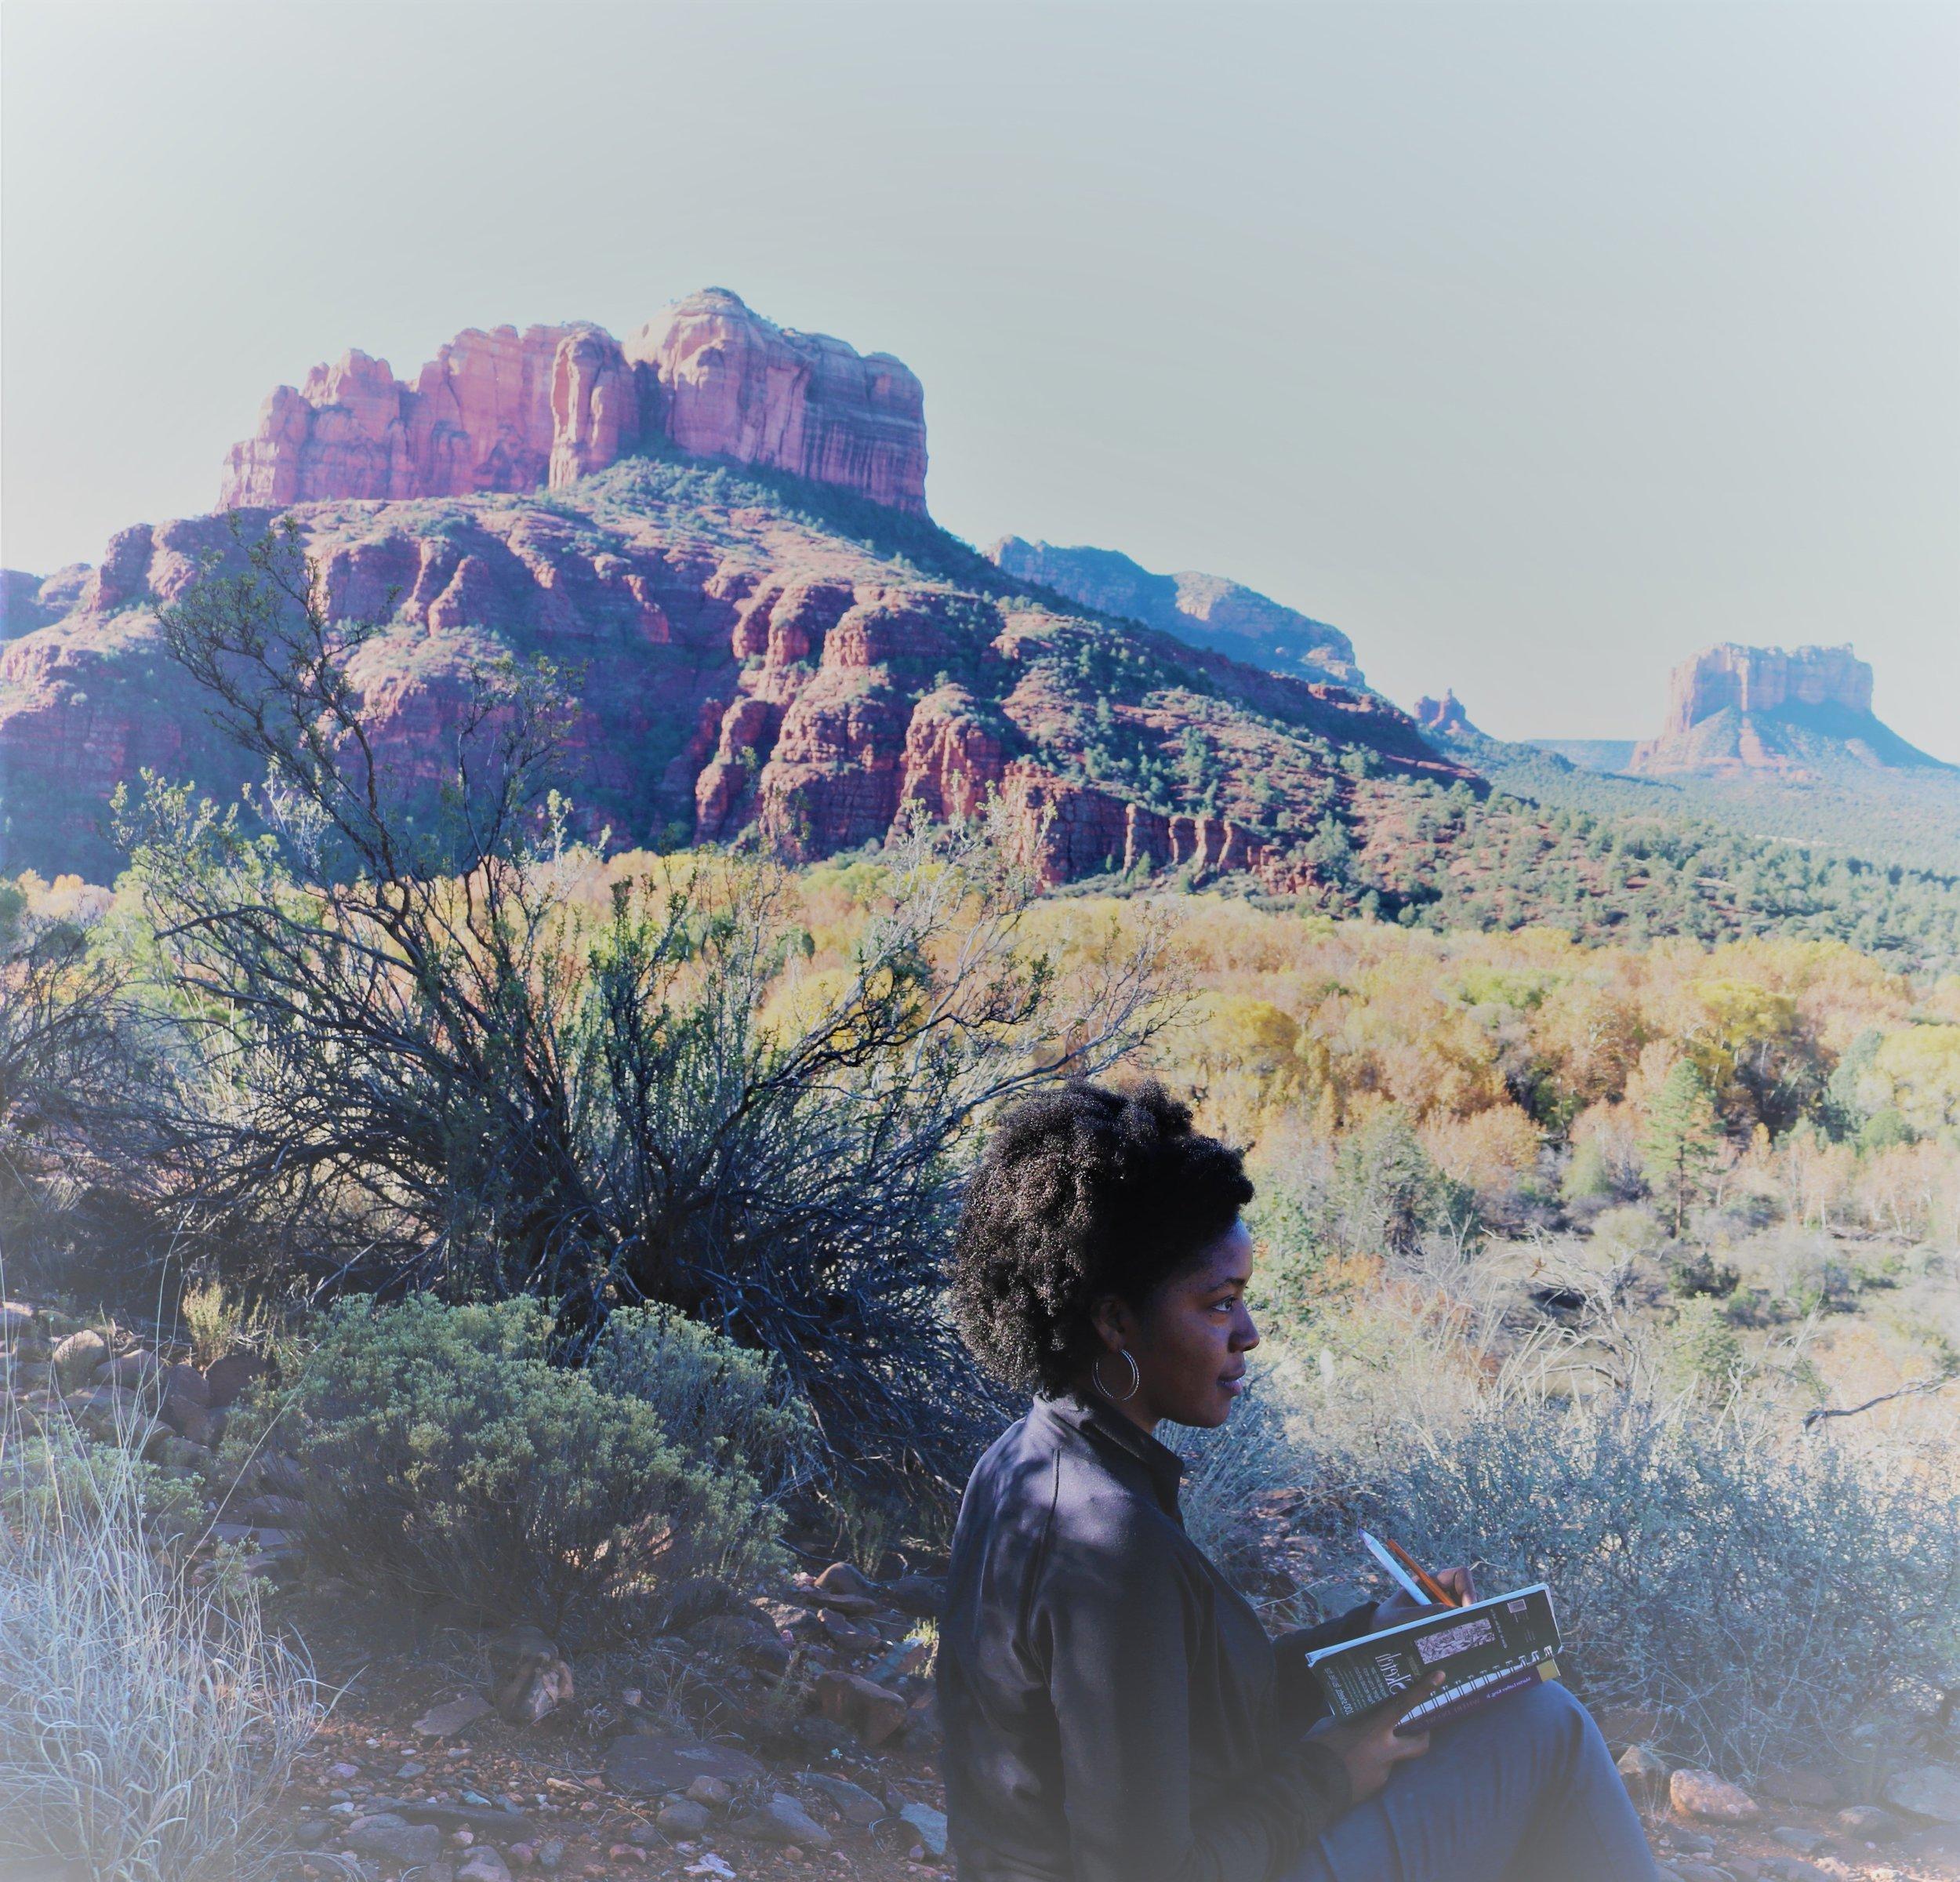 Tracy Wilson, Artist Retreat in Sedona, Arizona    Contact Details:   Tracy Wilson  (727) 351- 3747  tracy@twilsonart.com